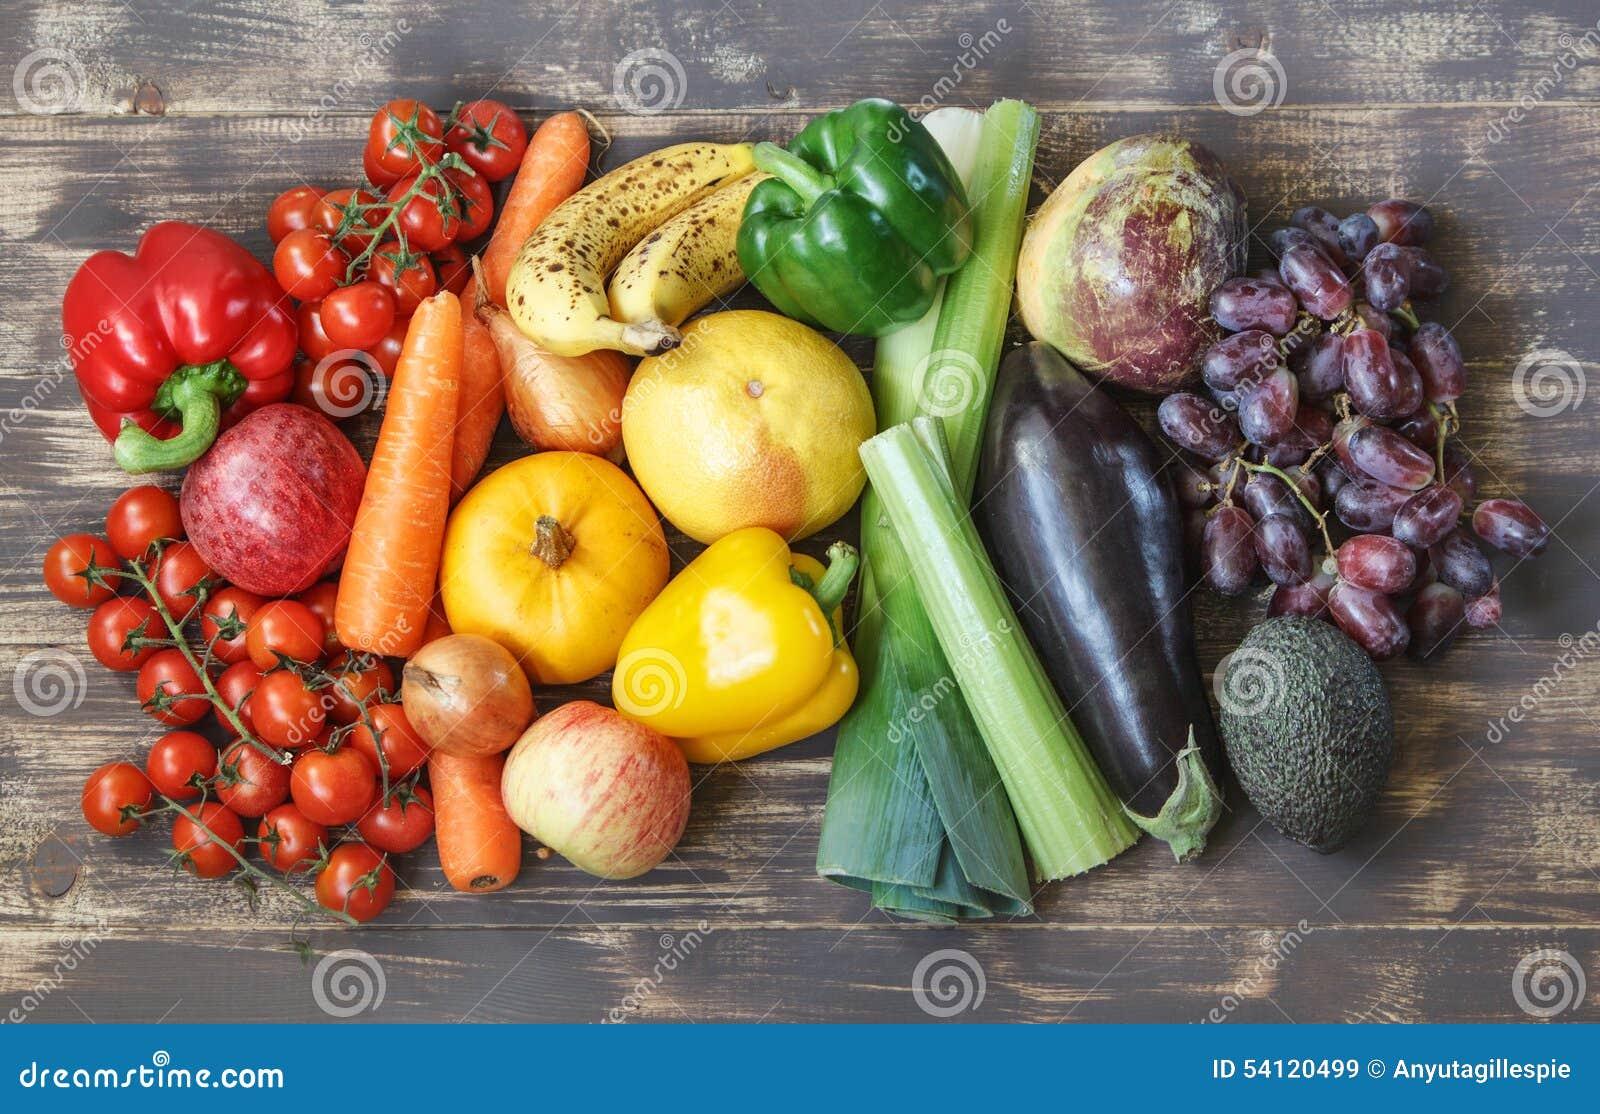 Matfoto med frukter och grönsaker i en regnbågeorientering